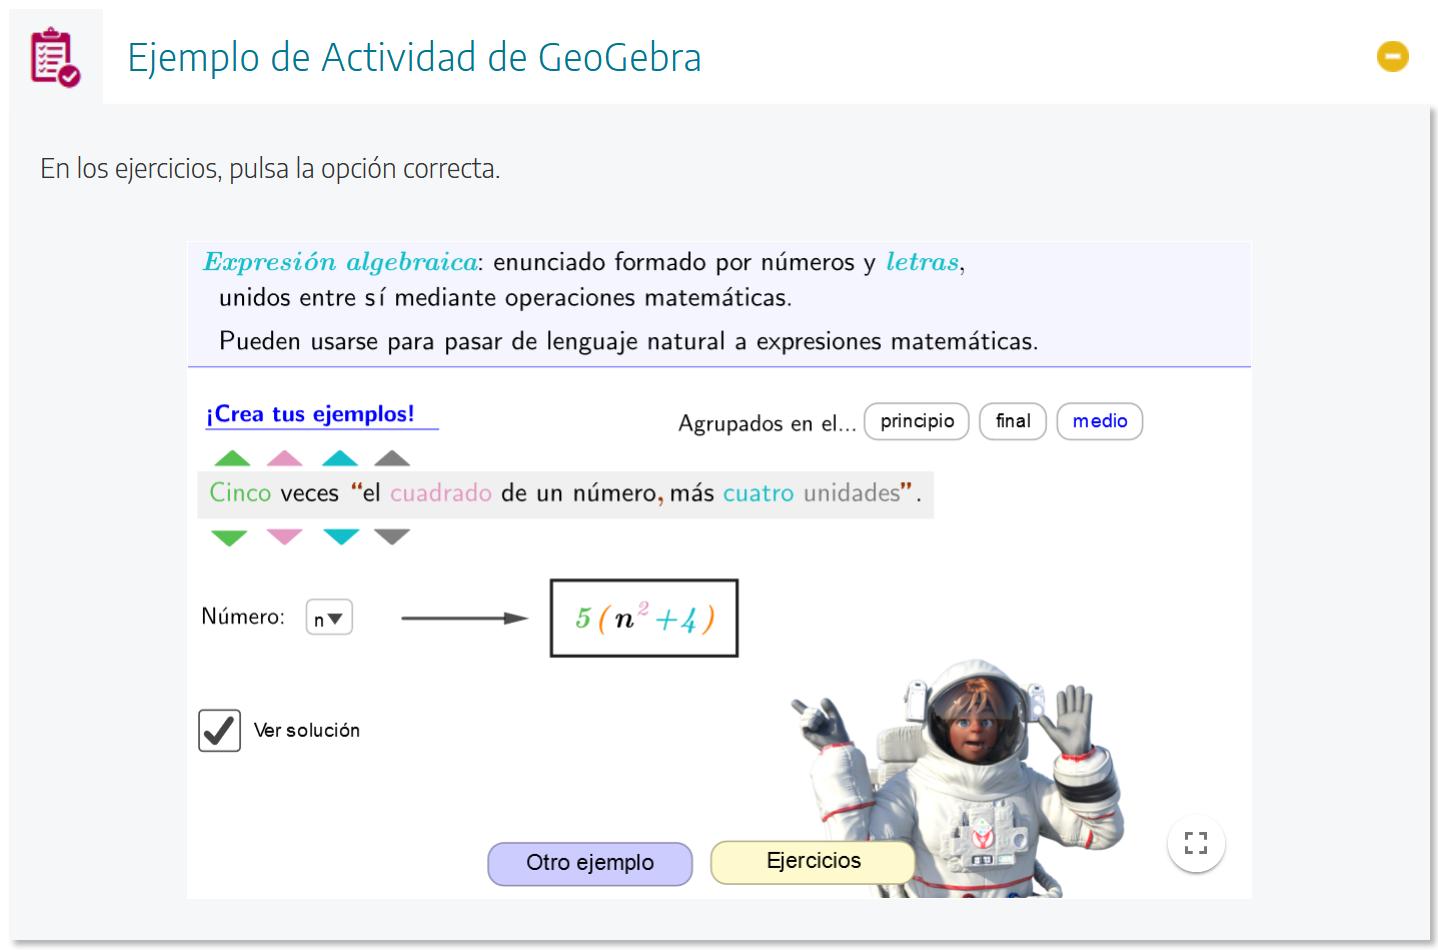 Pantallazo de actividad GeoGebra